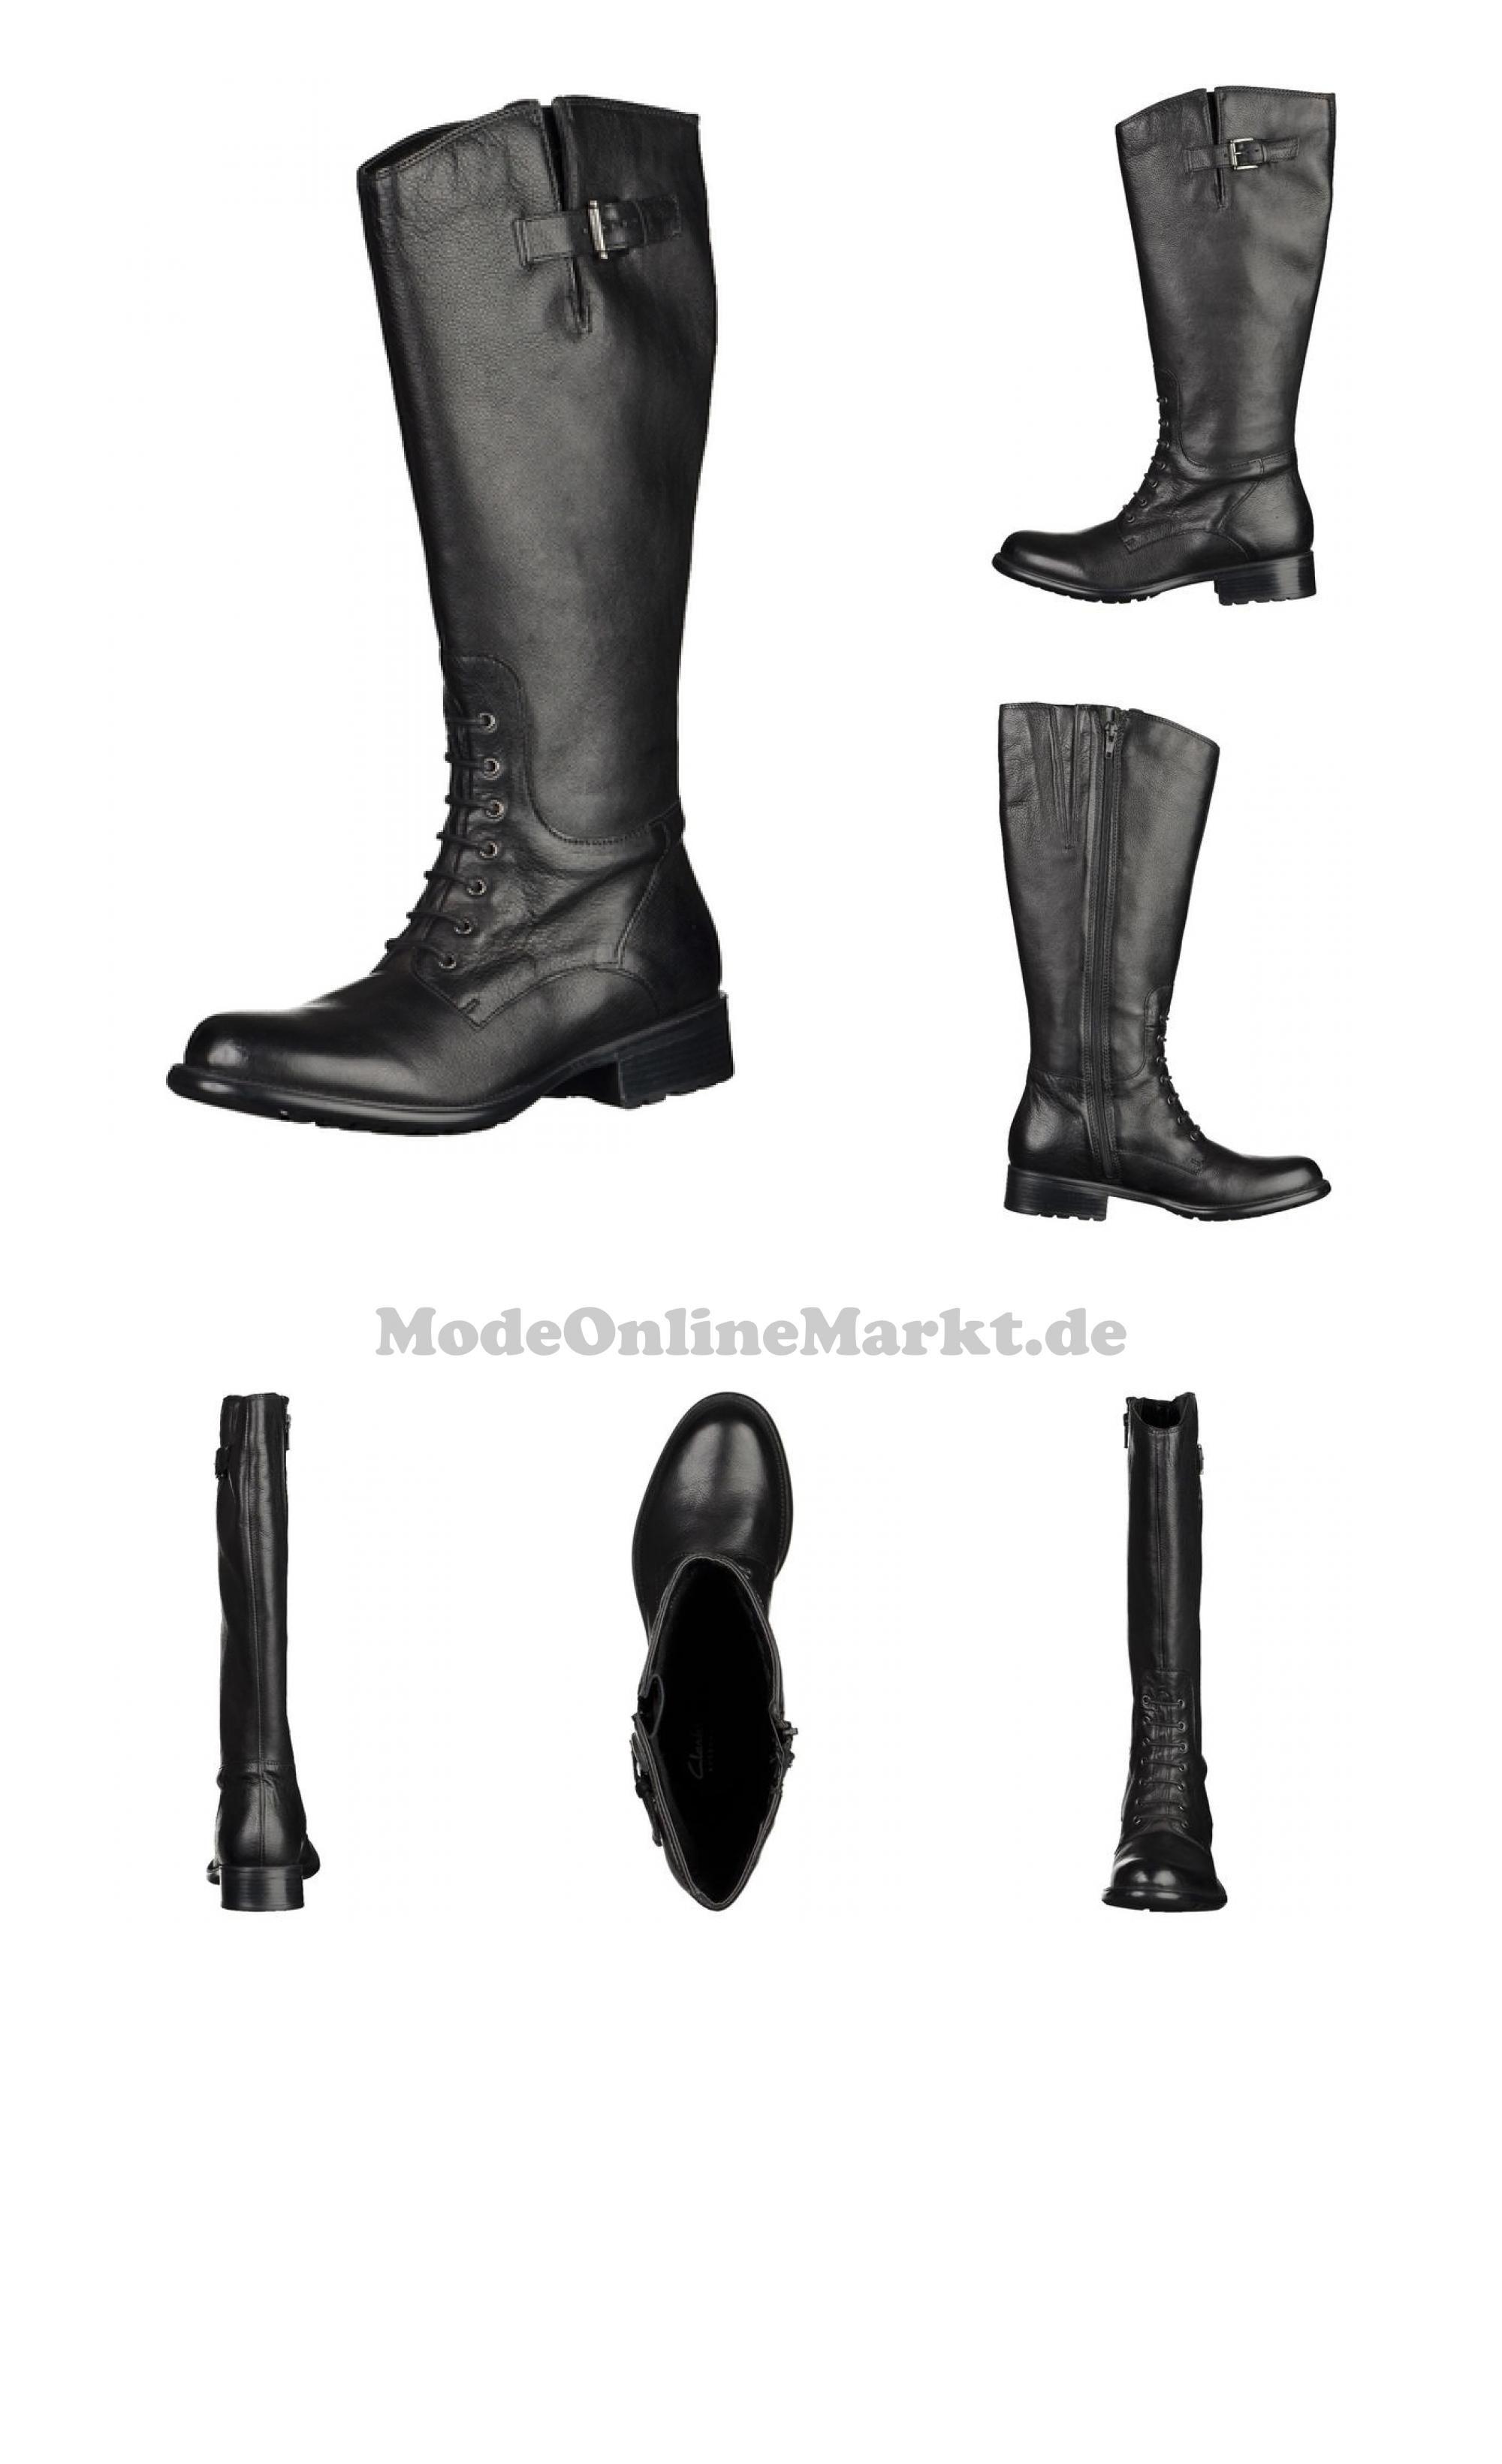 251d7f91ad3d 05051040699162    CLARKS  Damen  Stiefel  schwarz   Stiefel ...